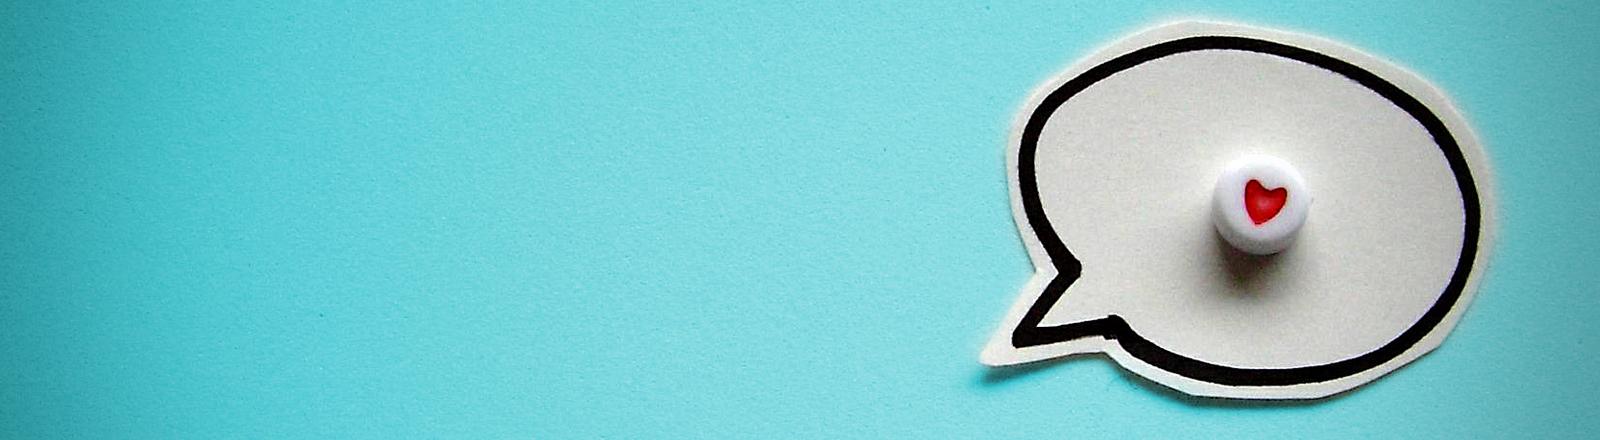 Eine Sprechblase mit einem Herz drin symbolisiert die universelle Sprache der Liebe